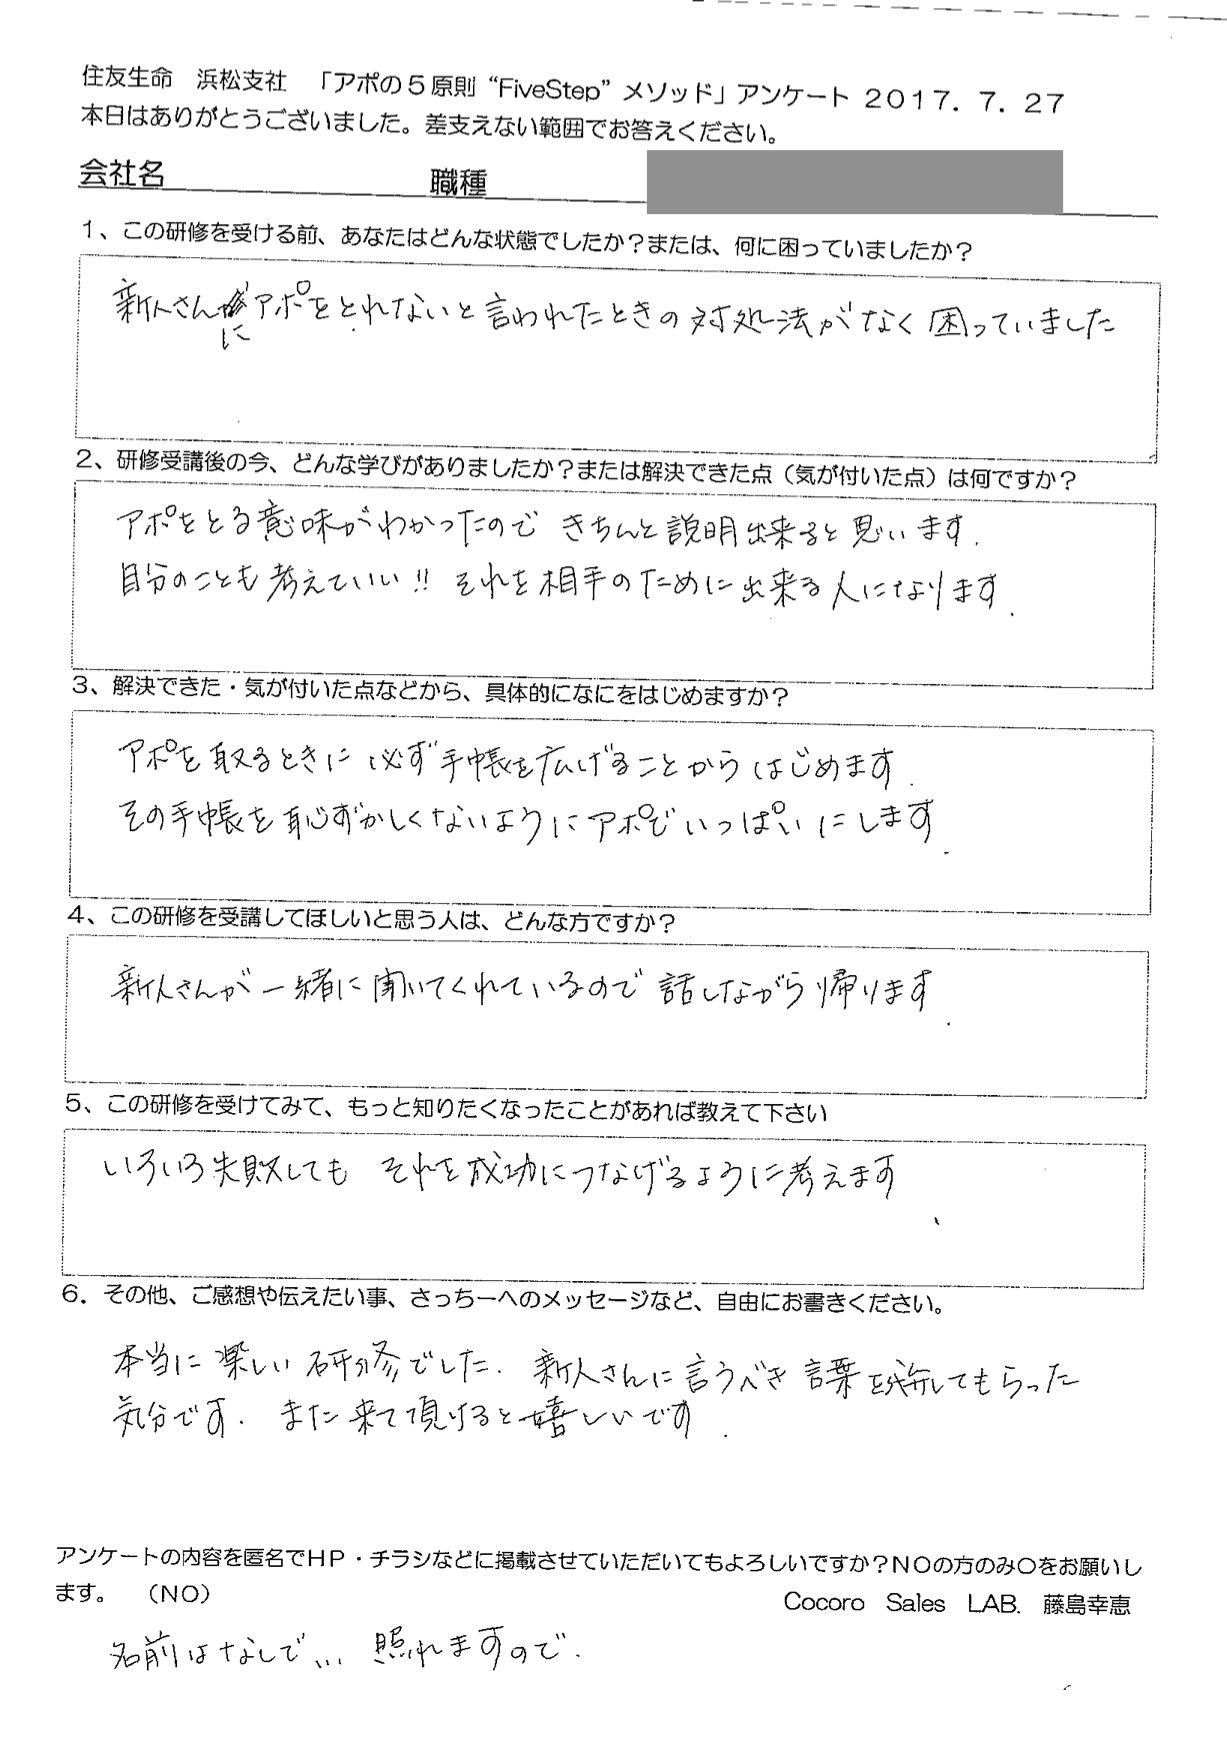 20170727【管理職】住友生命浜松支社様「アポの5原則Five Stepメソッド」アンケート20170729-2